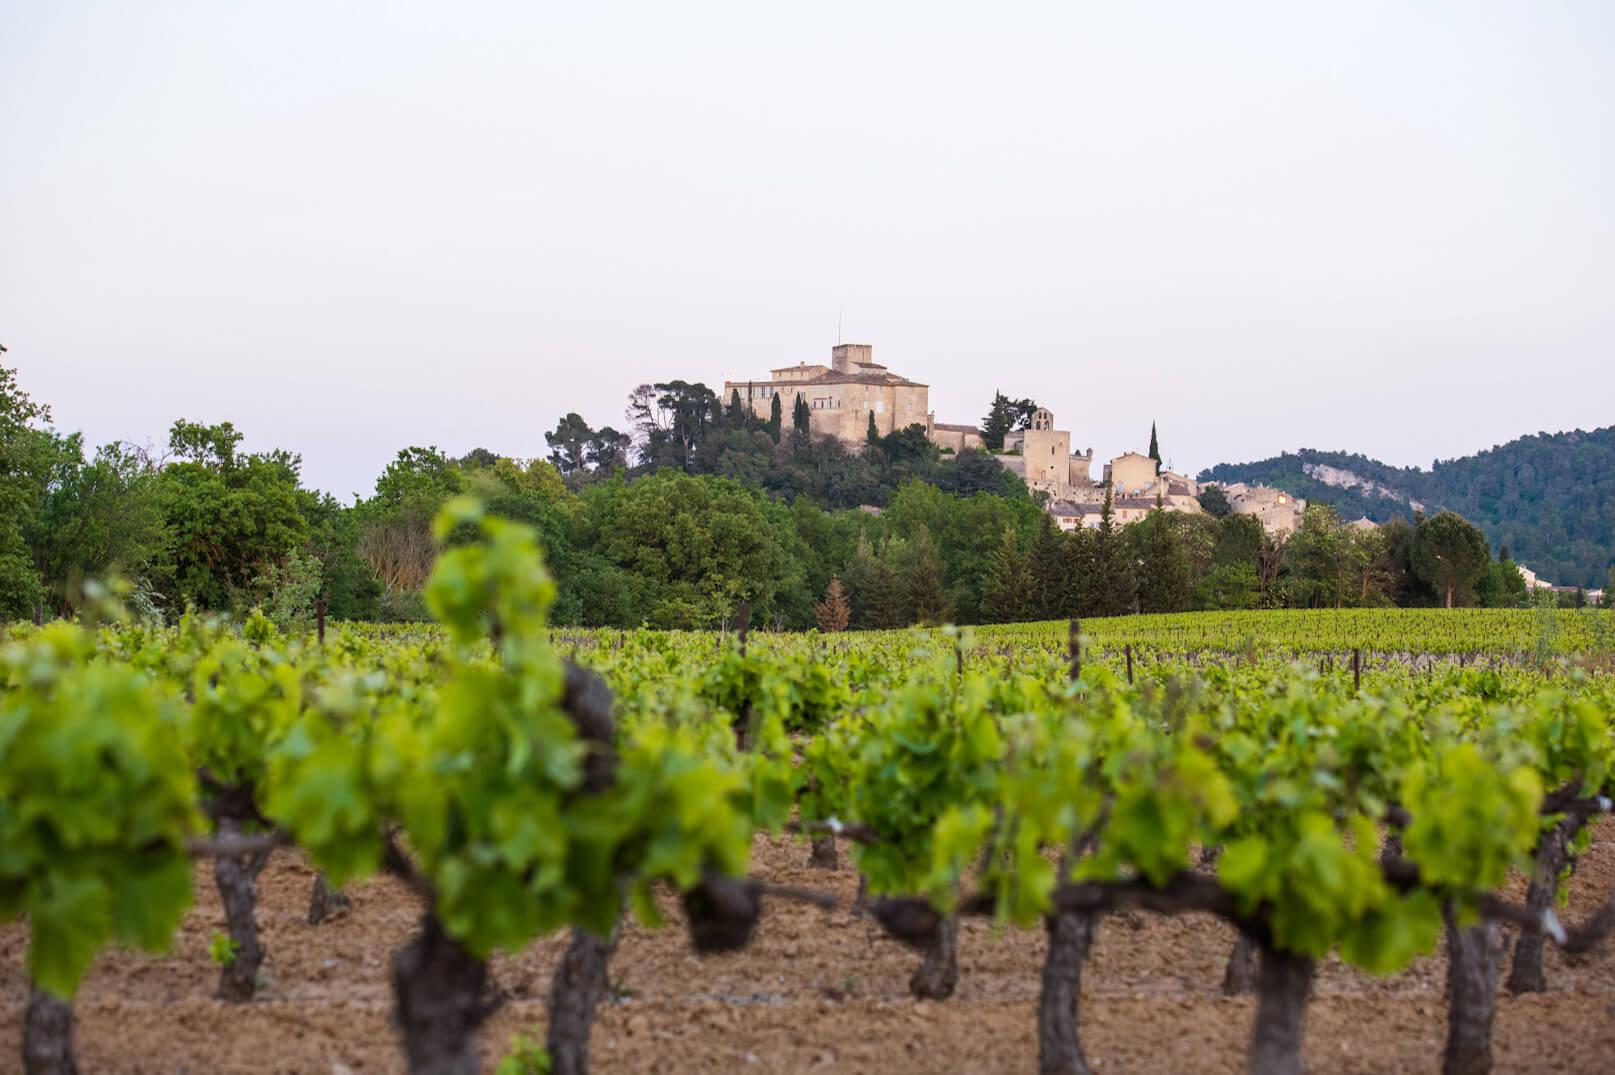 Les vignobles du Luberon